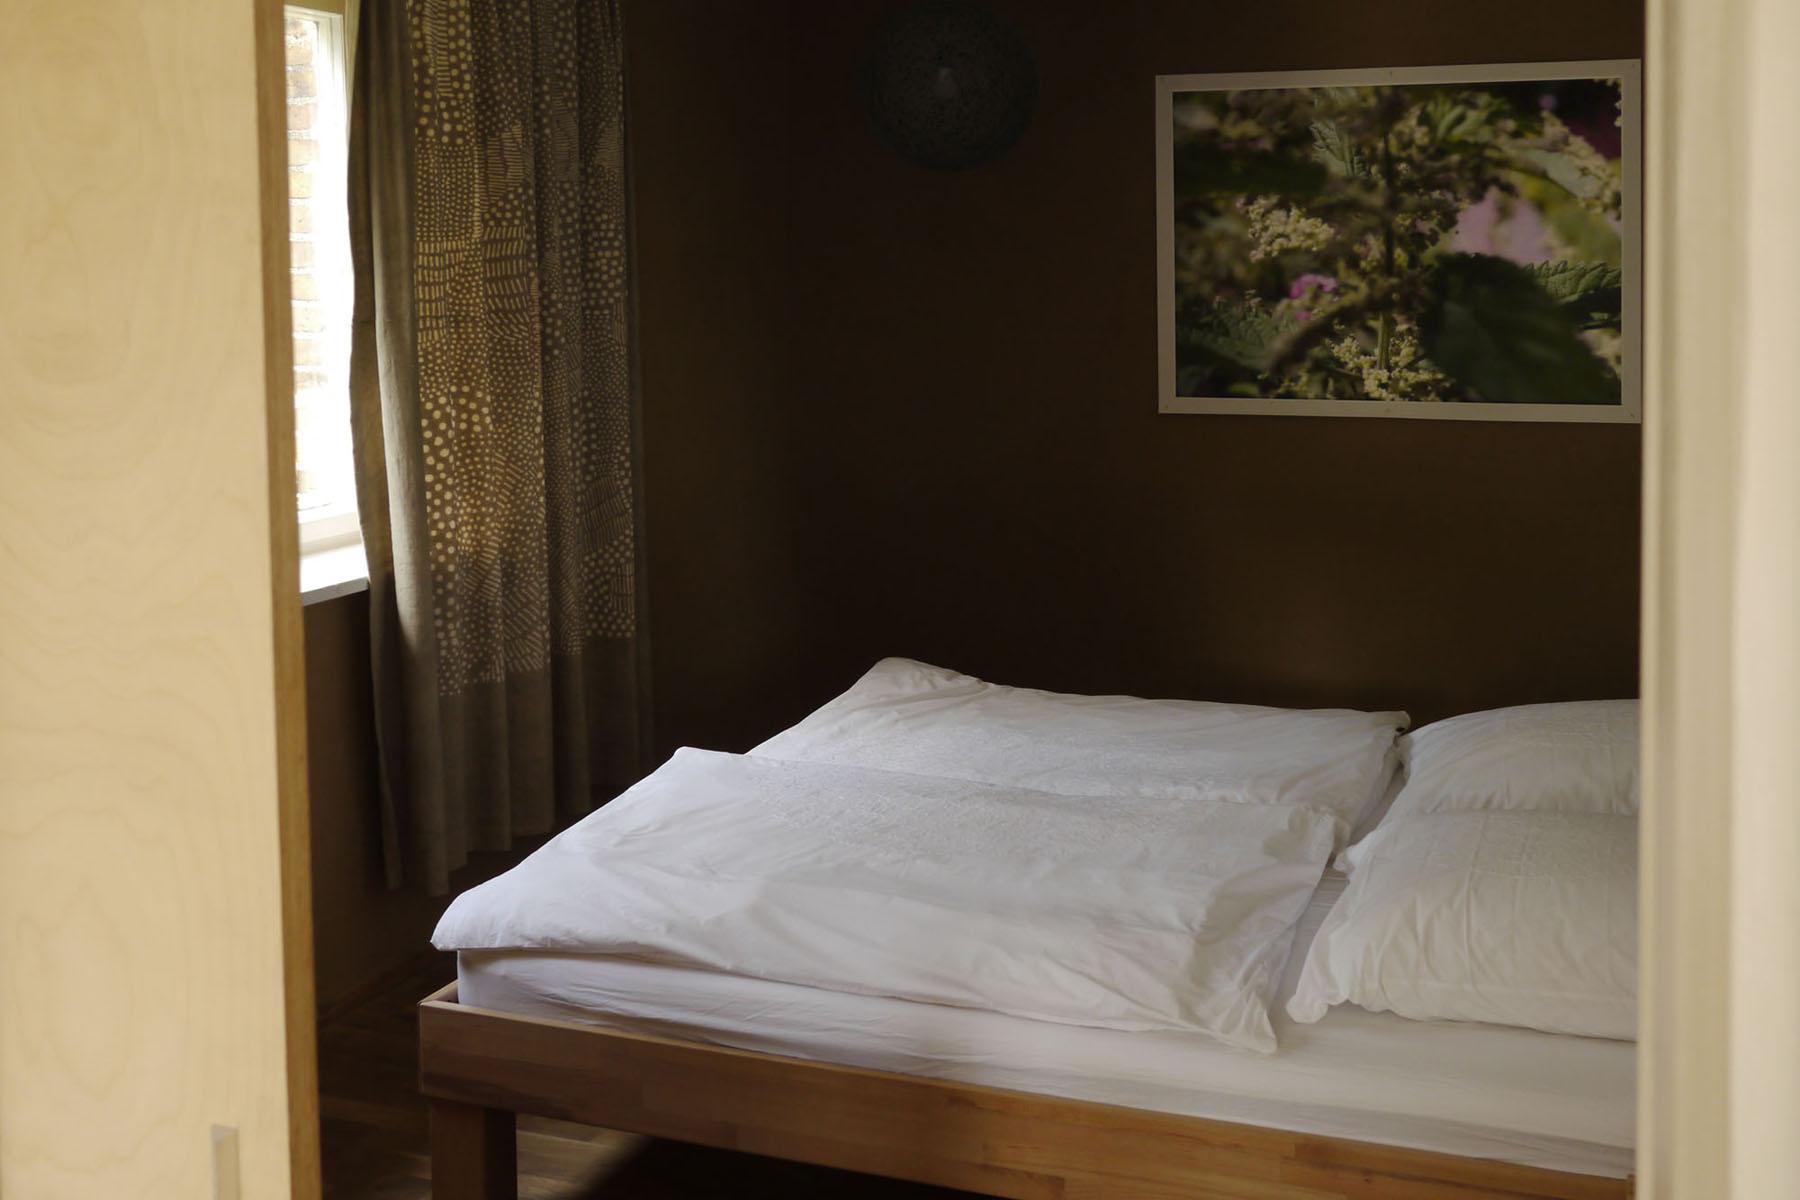 hofgeb ude rehof rutenberg ferienwohnungen ferienhaus ferien in brandenburg deutschland. Black Bedroom Furniture Sets. Home Design Ideas